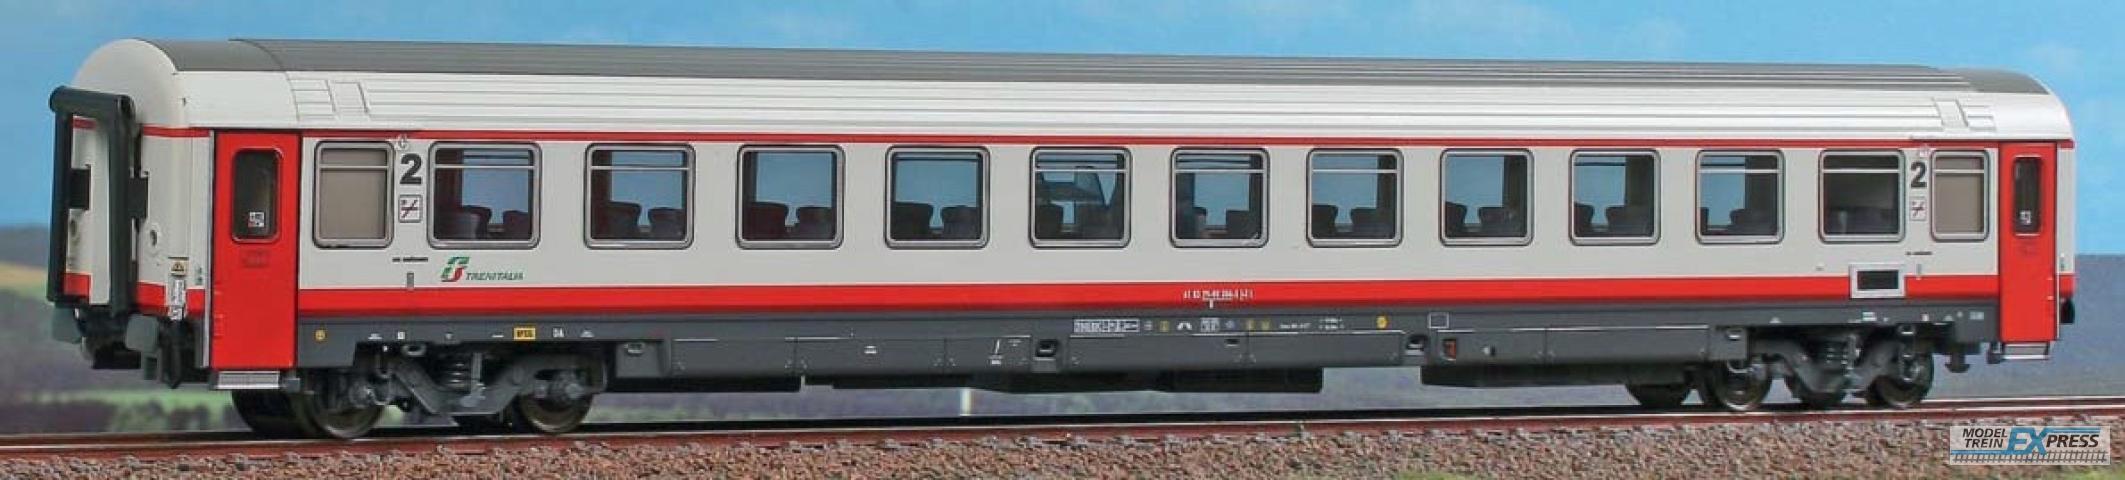 ACME 70095